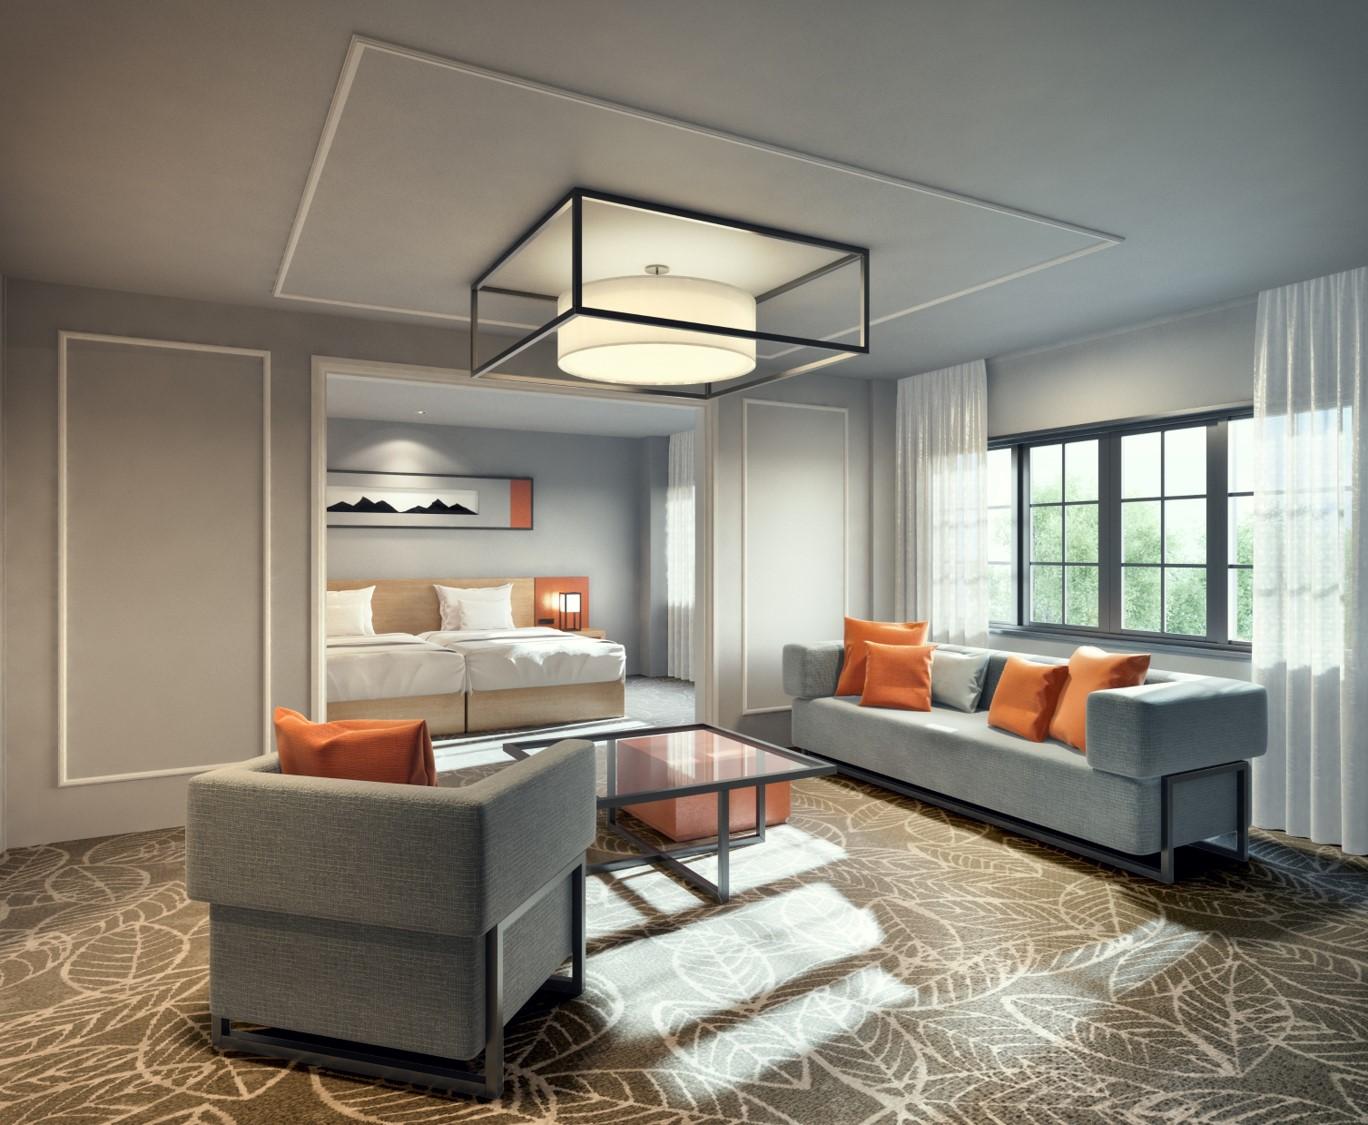 旧軽井沢ホテルが「ヒルトン」に、日本初進出の上級ブランドでリニューアル、東急不動産が昨年3月に取得